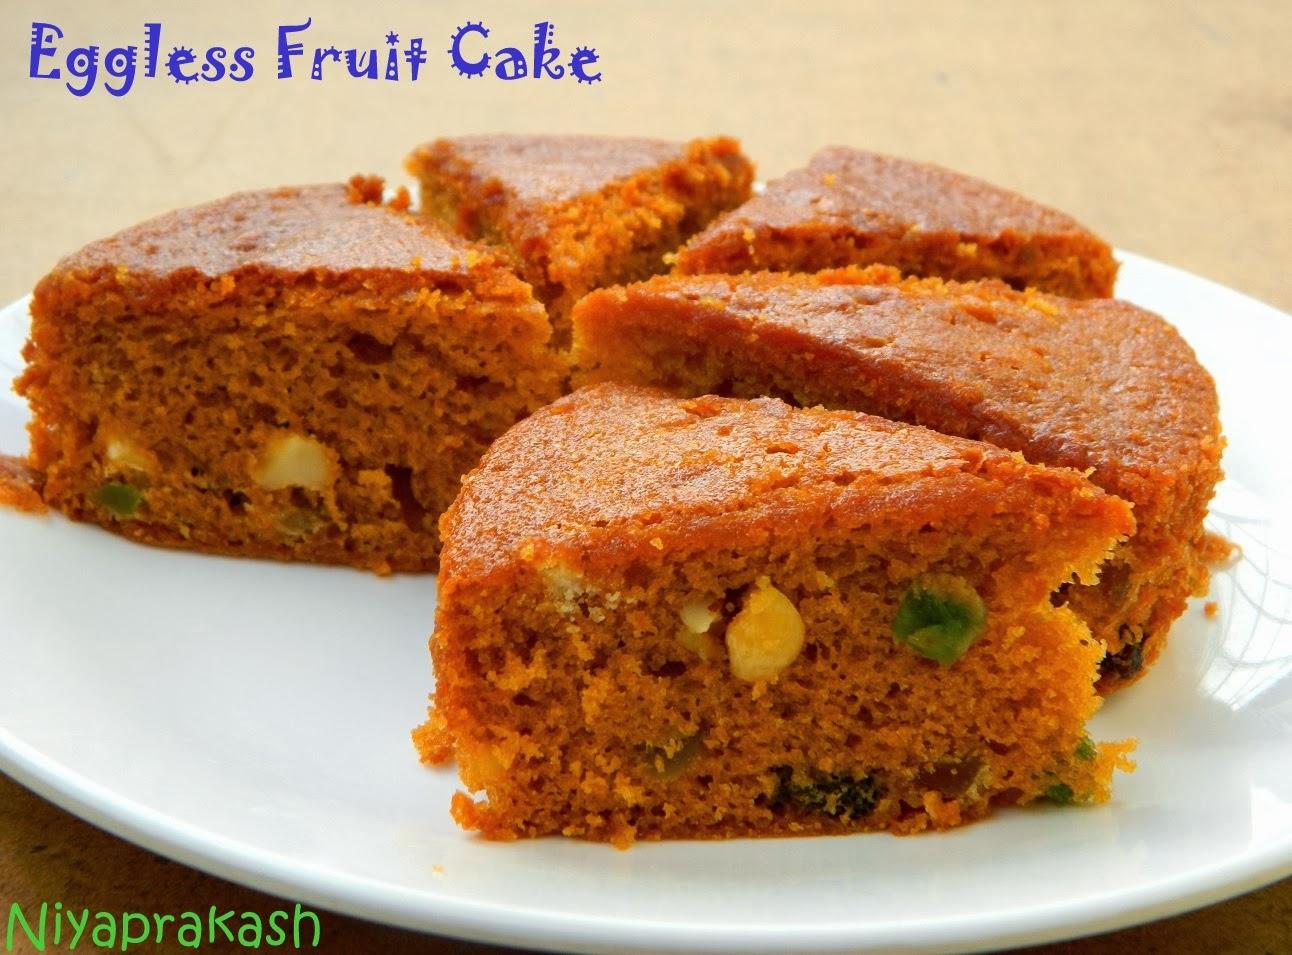 Eggless Fruit Cake Images : Niya s World: Eggless Fruit Cake (with condensed milk ...